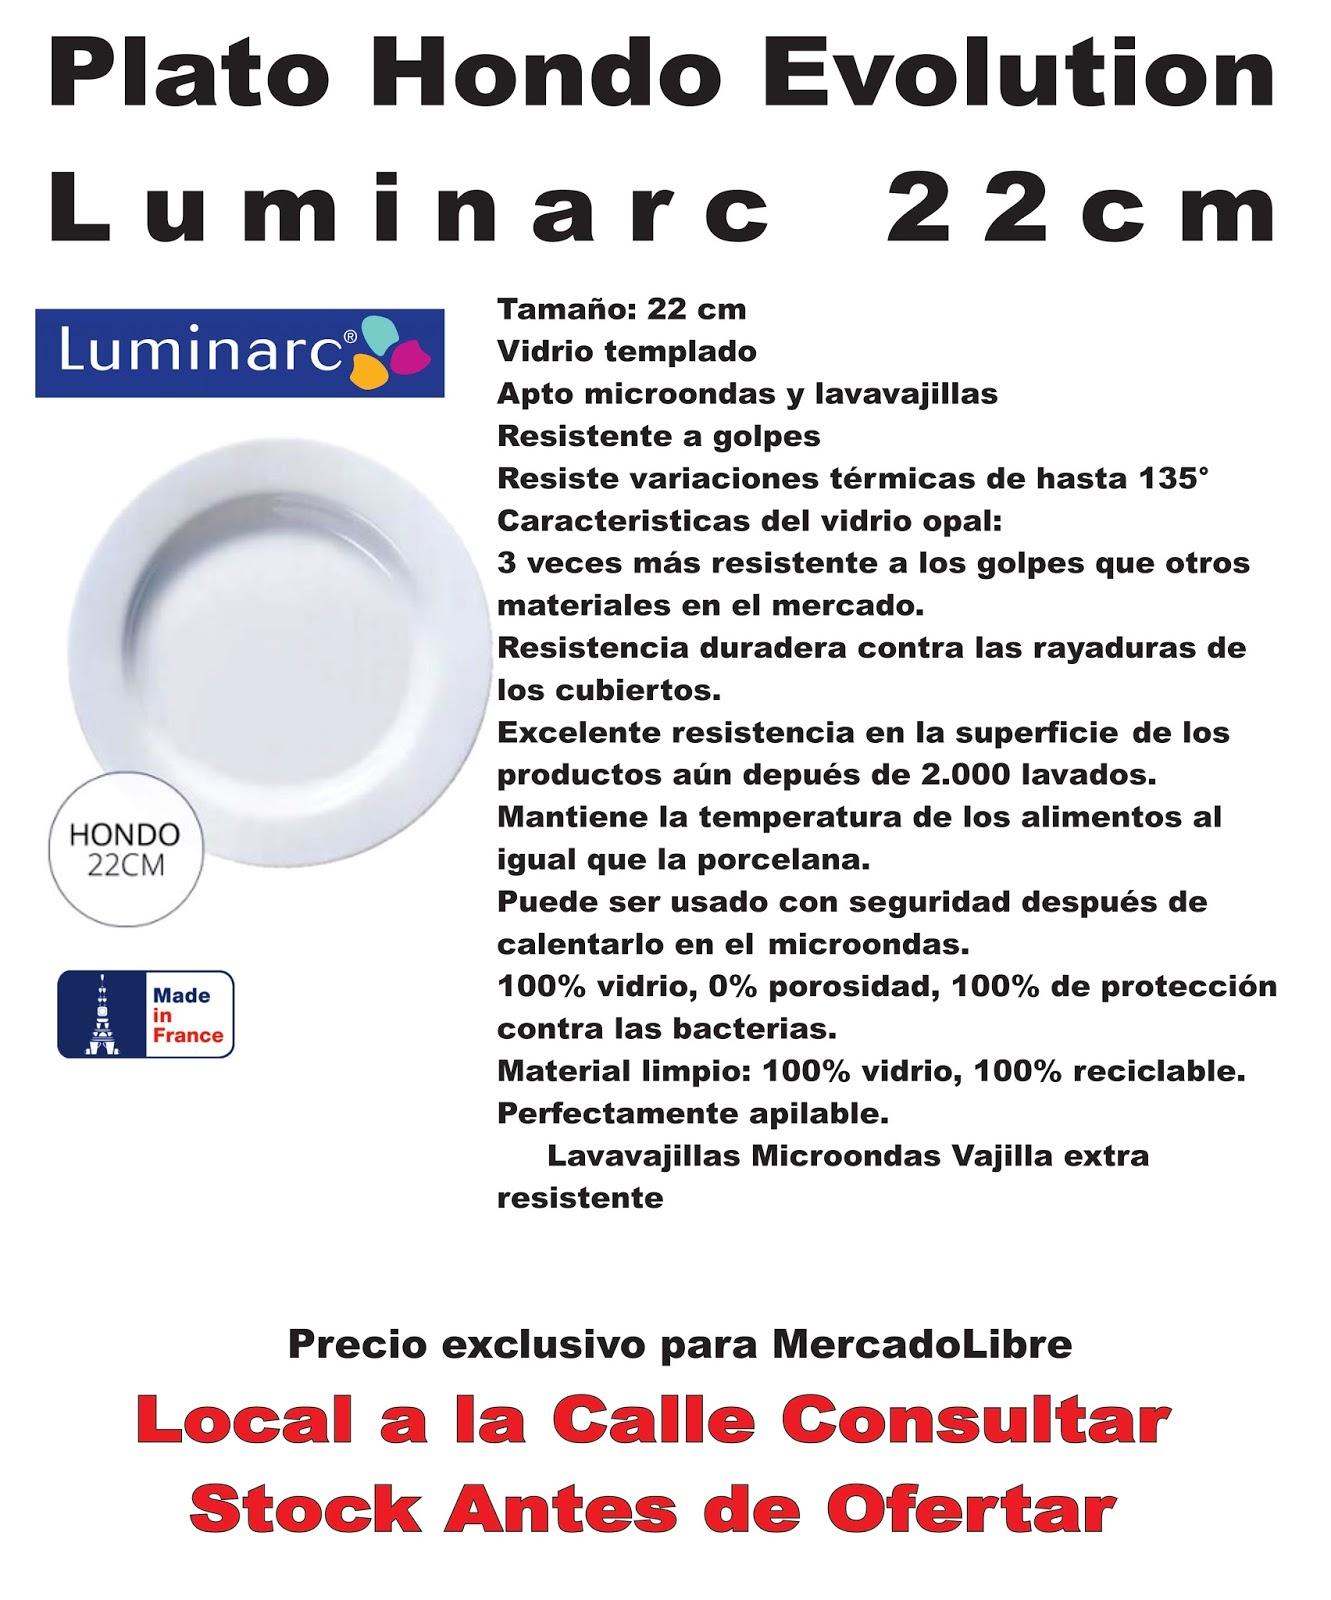 Plato playo luminarc evolution 27cm vidrio templado 65 0 - Platos luminarc precios ...